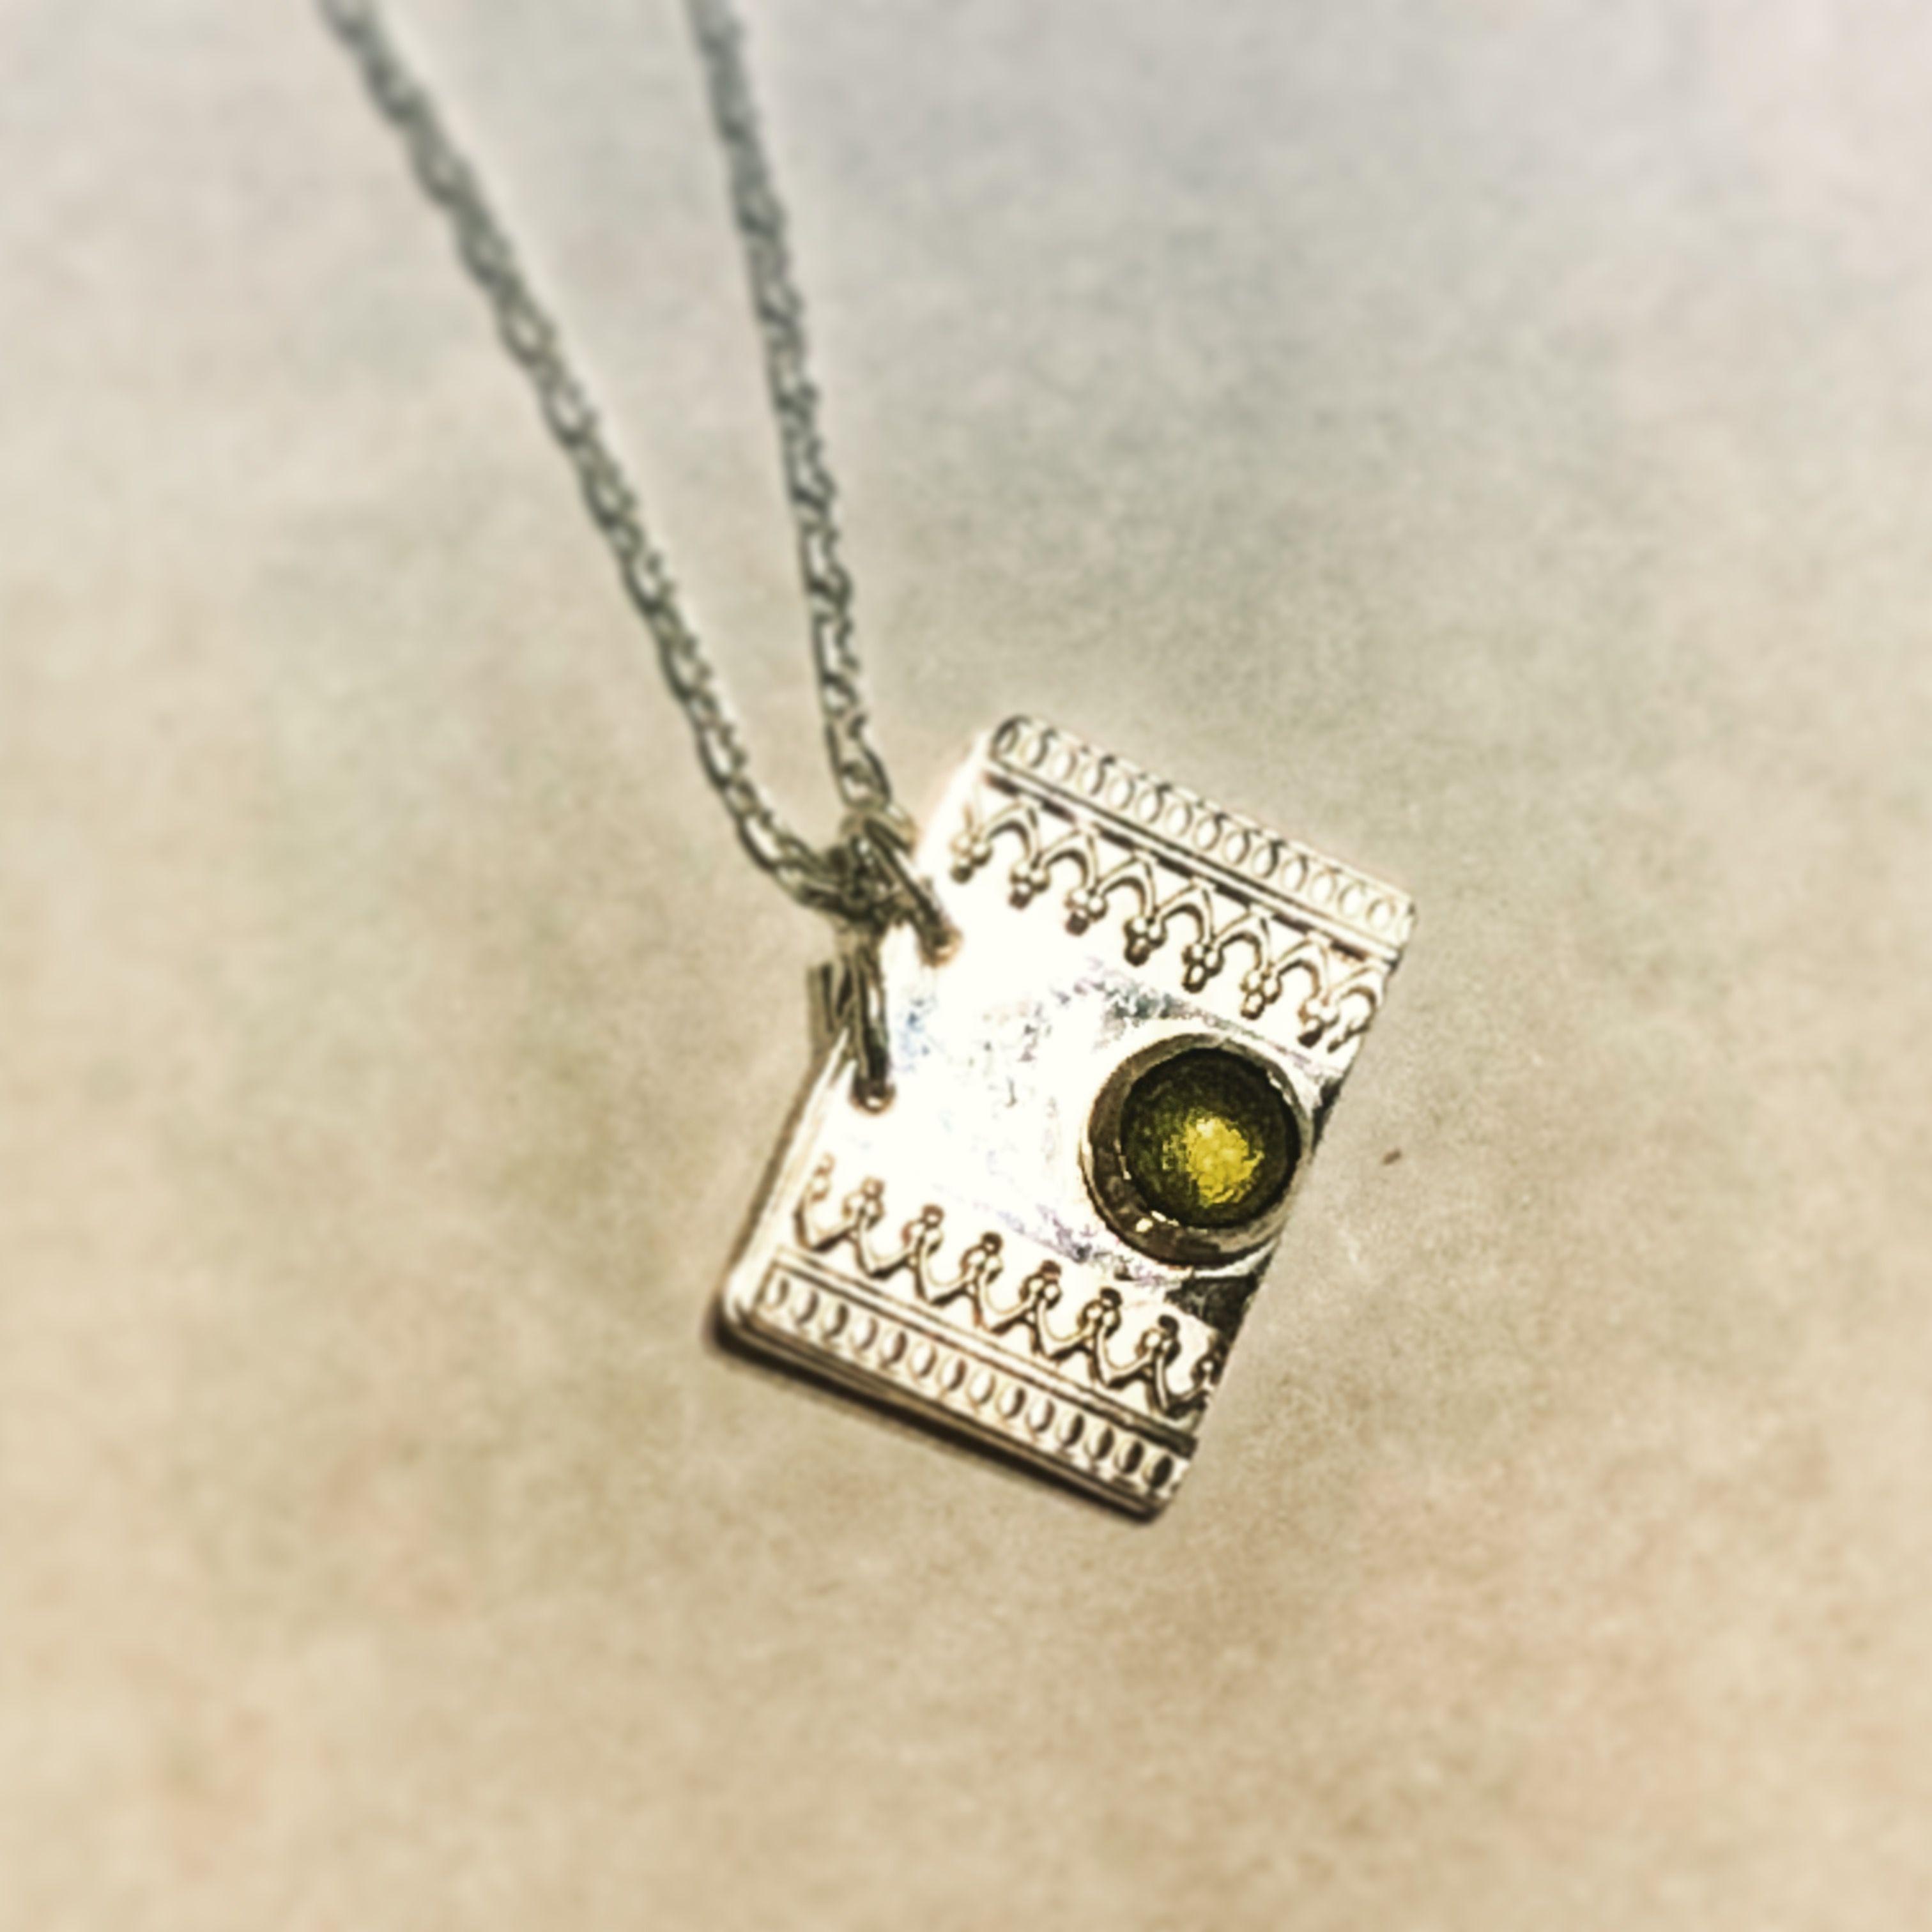 A new uminspirationalu pendant sterling silver bezel set peridot